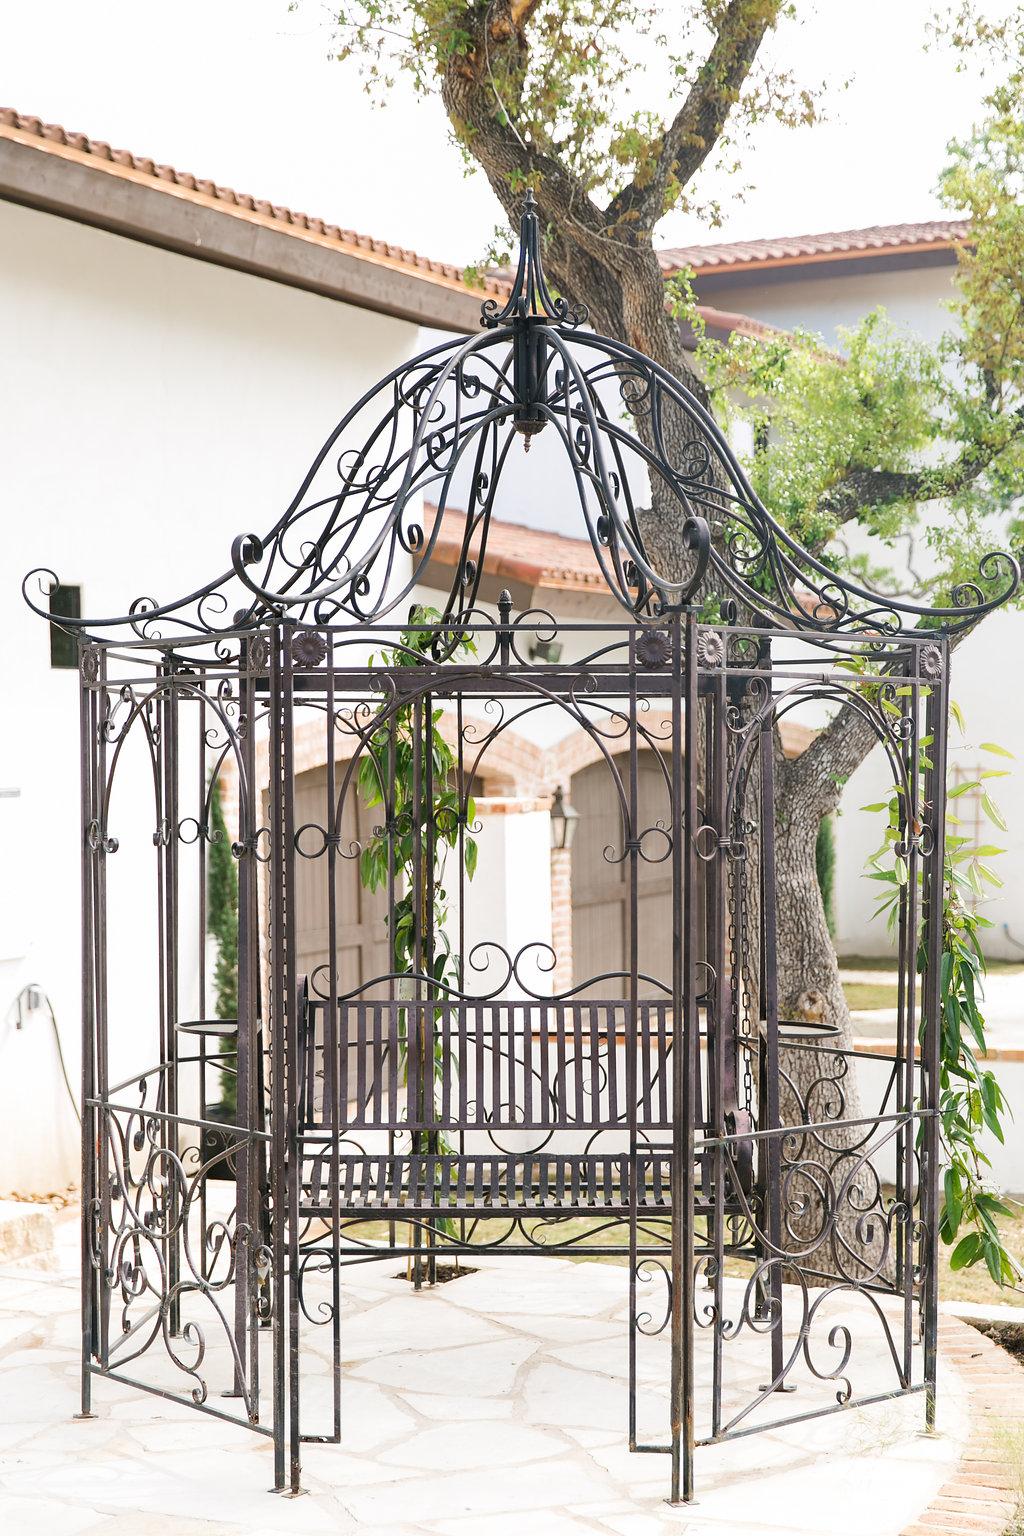 GardenGrove-0047.jpg